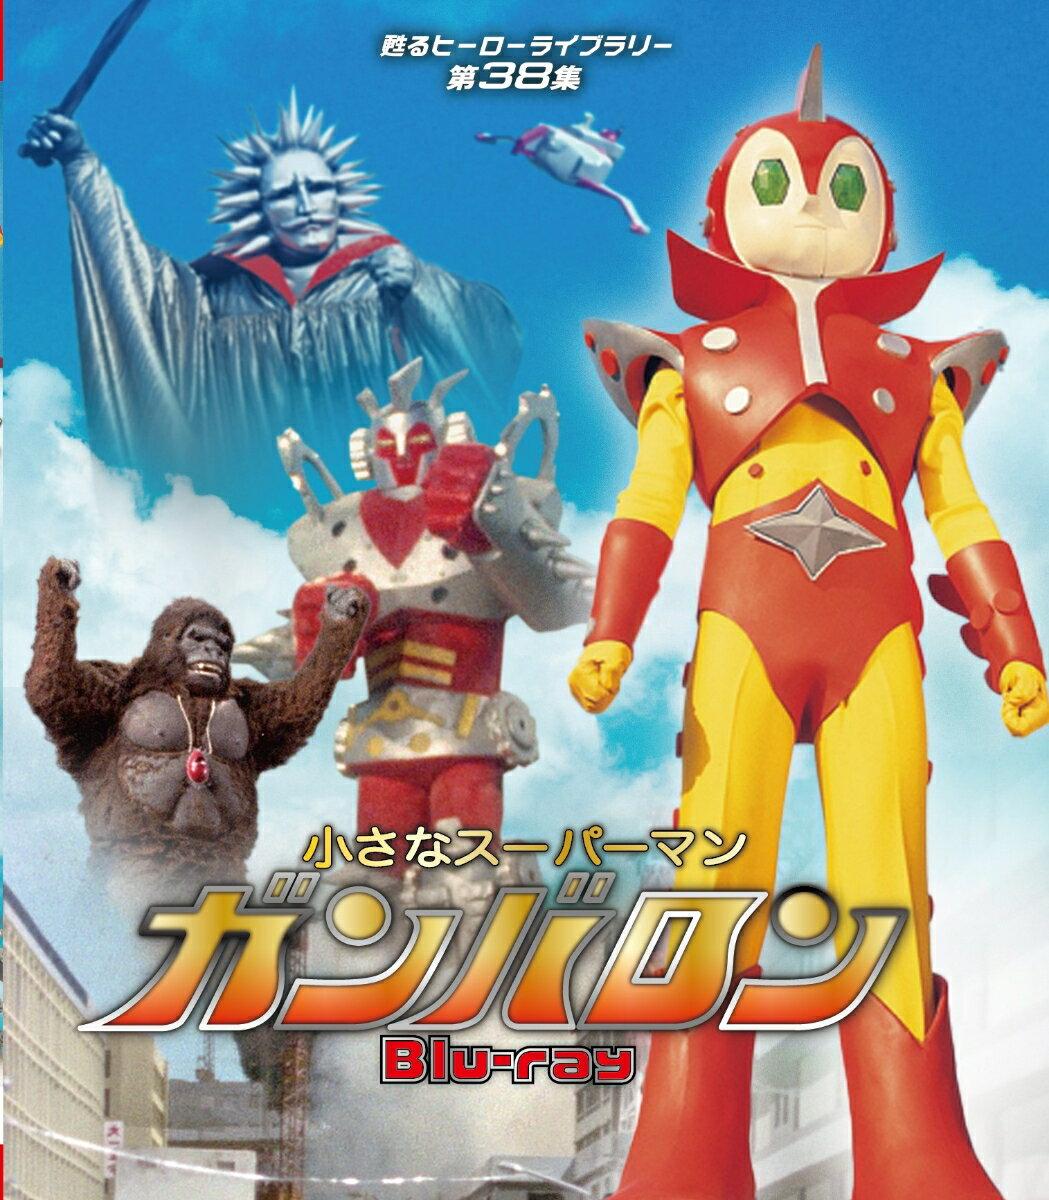 小さなスーパーマン ガンバロン Blu-ray【甦るヒーローライブラリー 第38集】【Blu-ray】画像